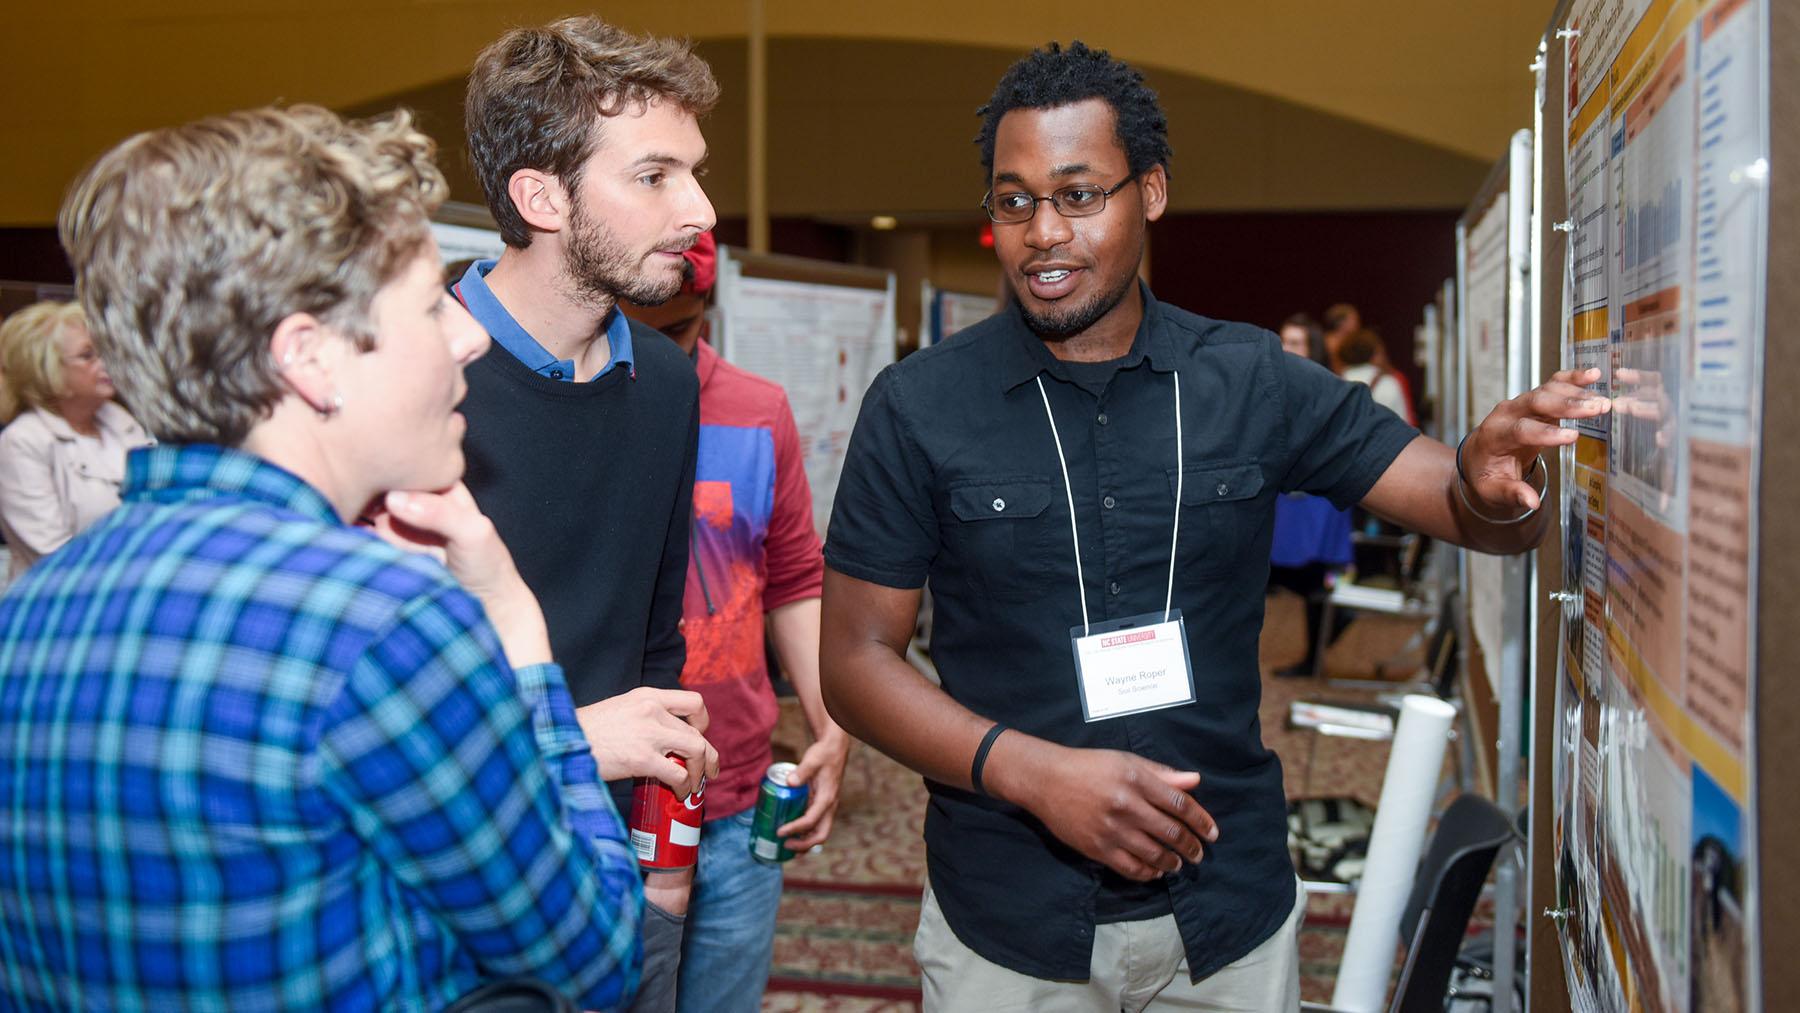 students sharing posters at symposium